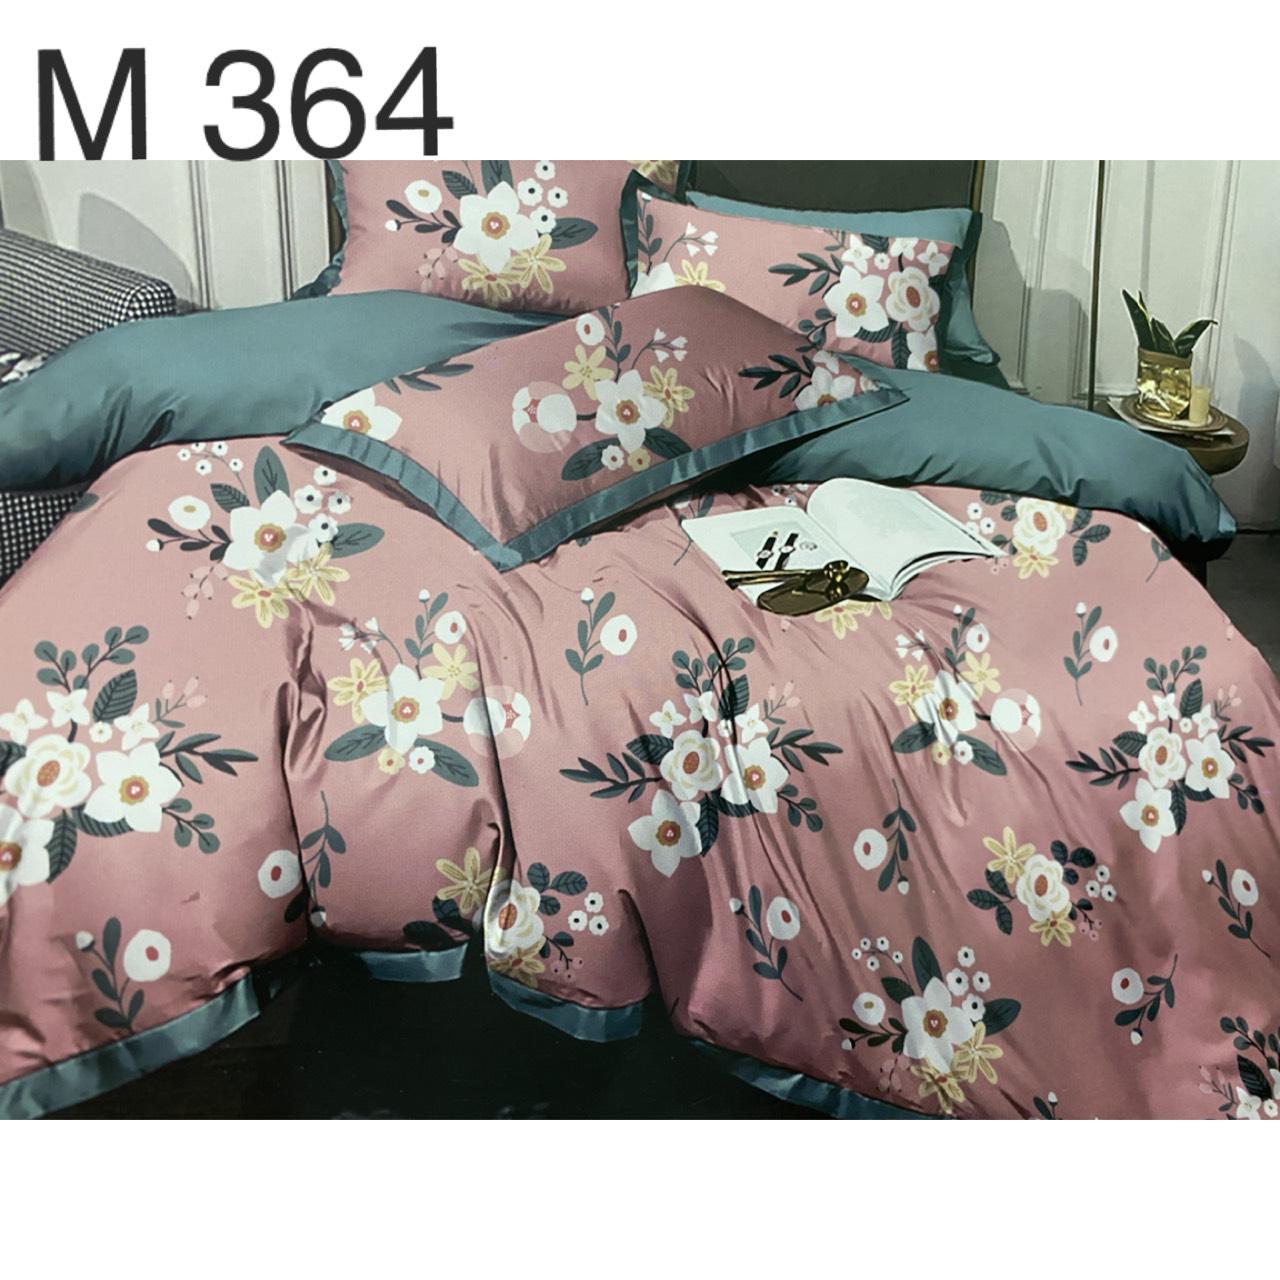 Bộ Chăn Ga Cotton Đũi Hàn Quốc - M364